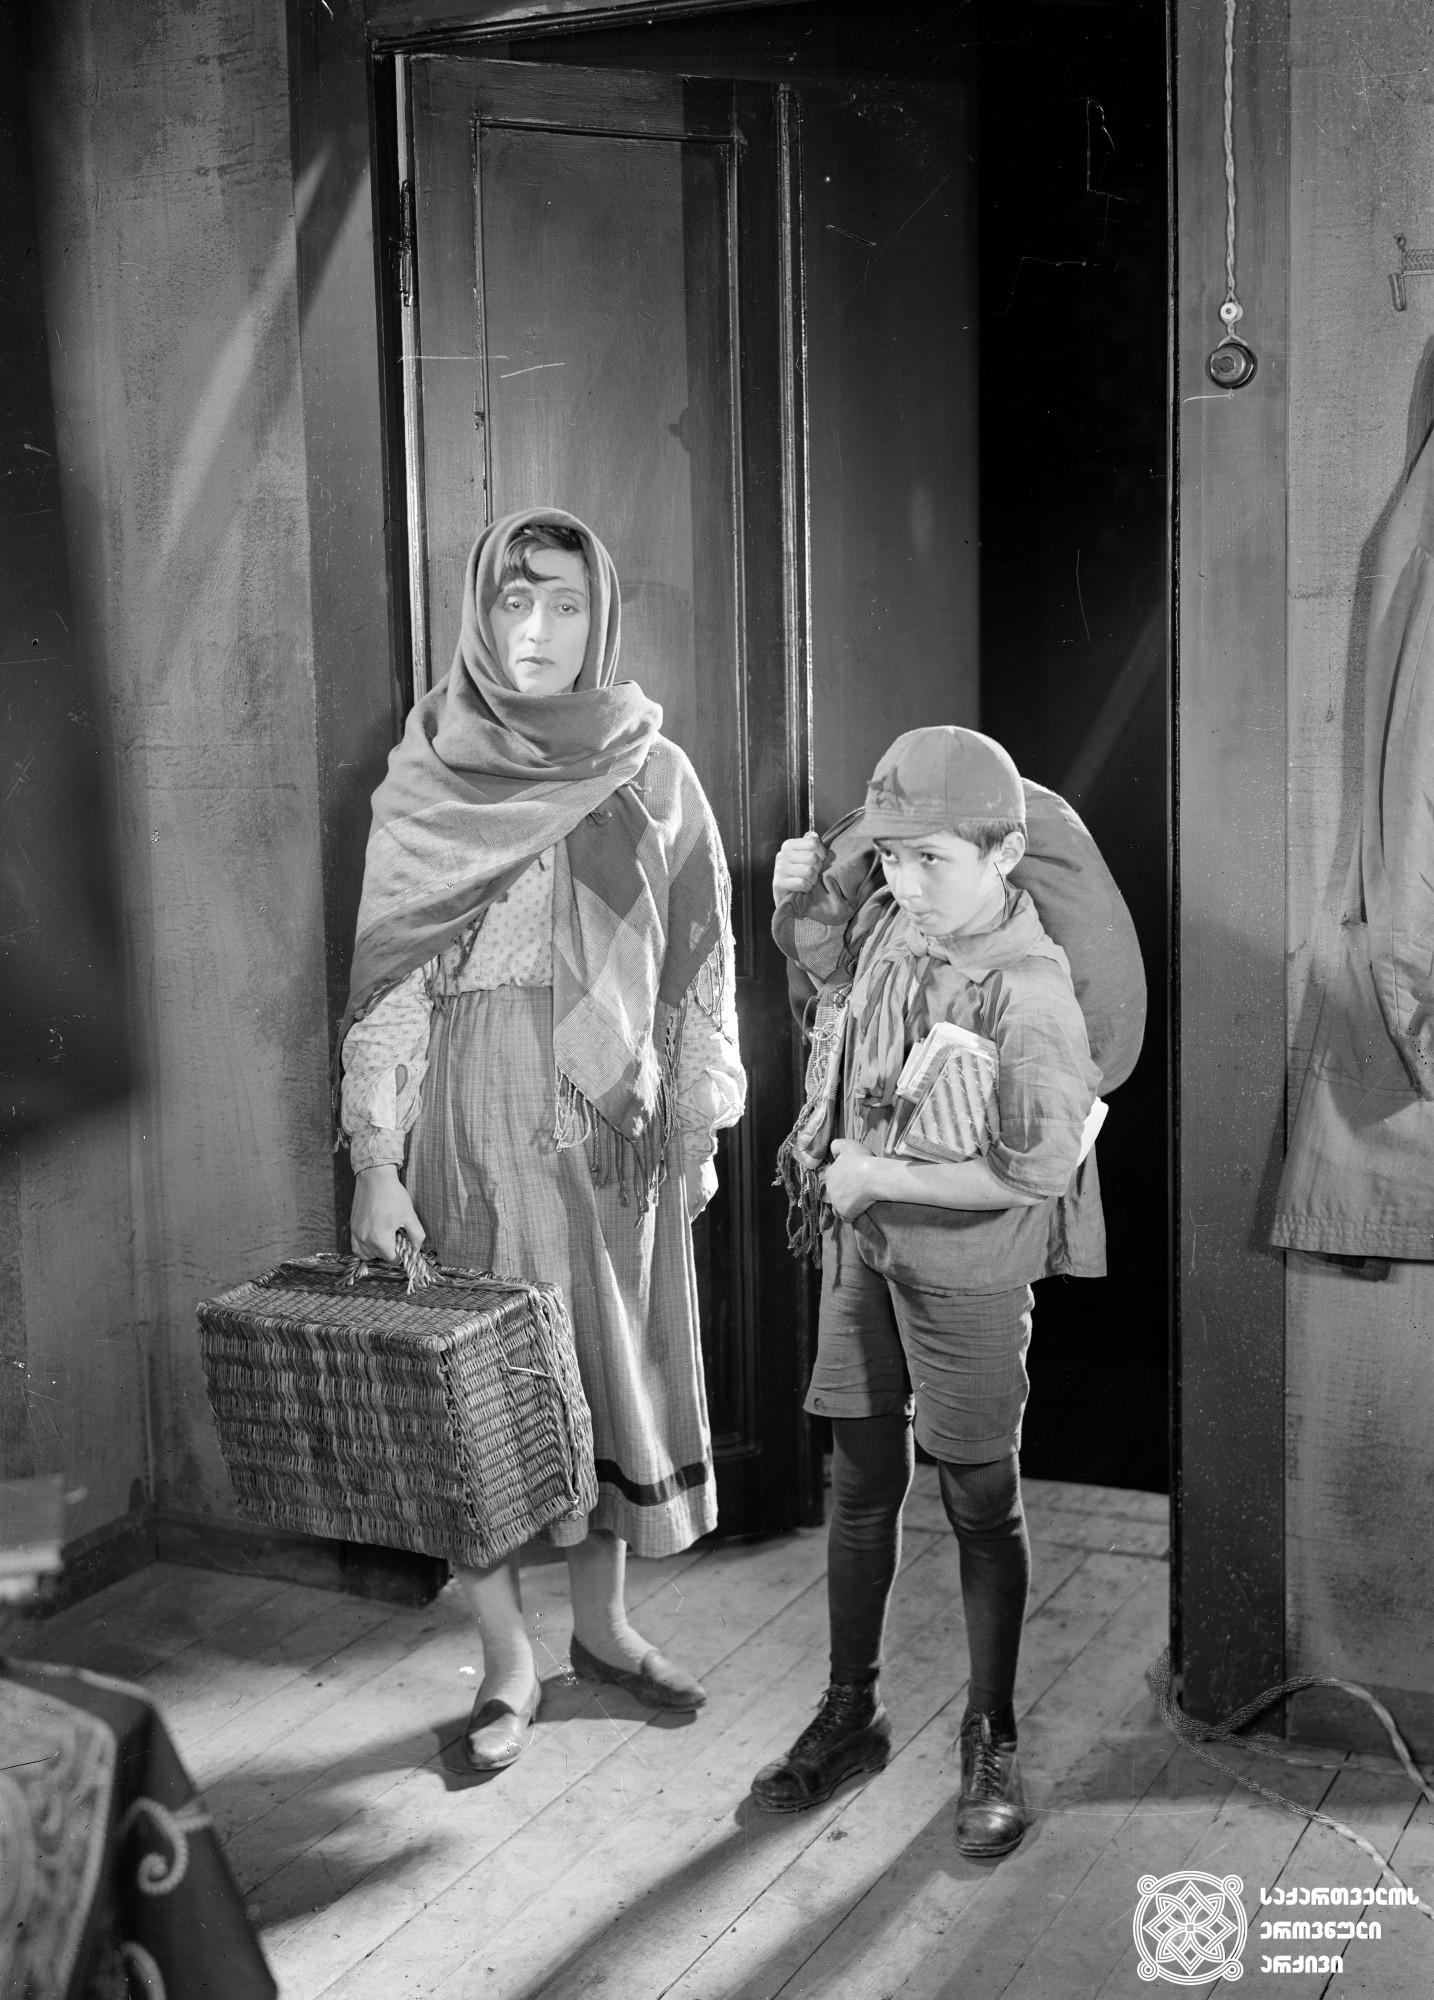 """""""საბა"""". 1929.  რეჟისორი: მიხეილ ჭიაურელი. <br> სცენარის ავტორები: არსენ არავსკი, შალვა ალხაზიშვილი. <br> ოპერატორი: ანტონ პოლიკევიჩი. მხატვრები: ლადო გუდიაშვილი, დავით კაკაბაძე.<br>  ფოტოზე: ვერიკო ანჯაფარიძე (მარო)  და ანდრო ჯანუაშვილი (ვახტანგი). <br>  Saba. 1929. <br>  Director: Mikheil Chiaureli. <br> Screenwriters: Arsen Aravsky, Shalva Alkhazishvili. Camera operator: Anton Polikevych. Producton designers: Lado Gudiashvili, David Kakabadze. <br> On the photo: Actress Veriko Anjapharidze (Maro) and Andro Januashvili (Vakhtang)."""